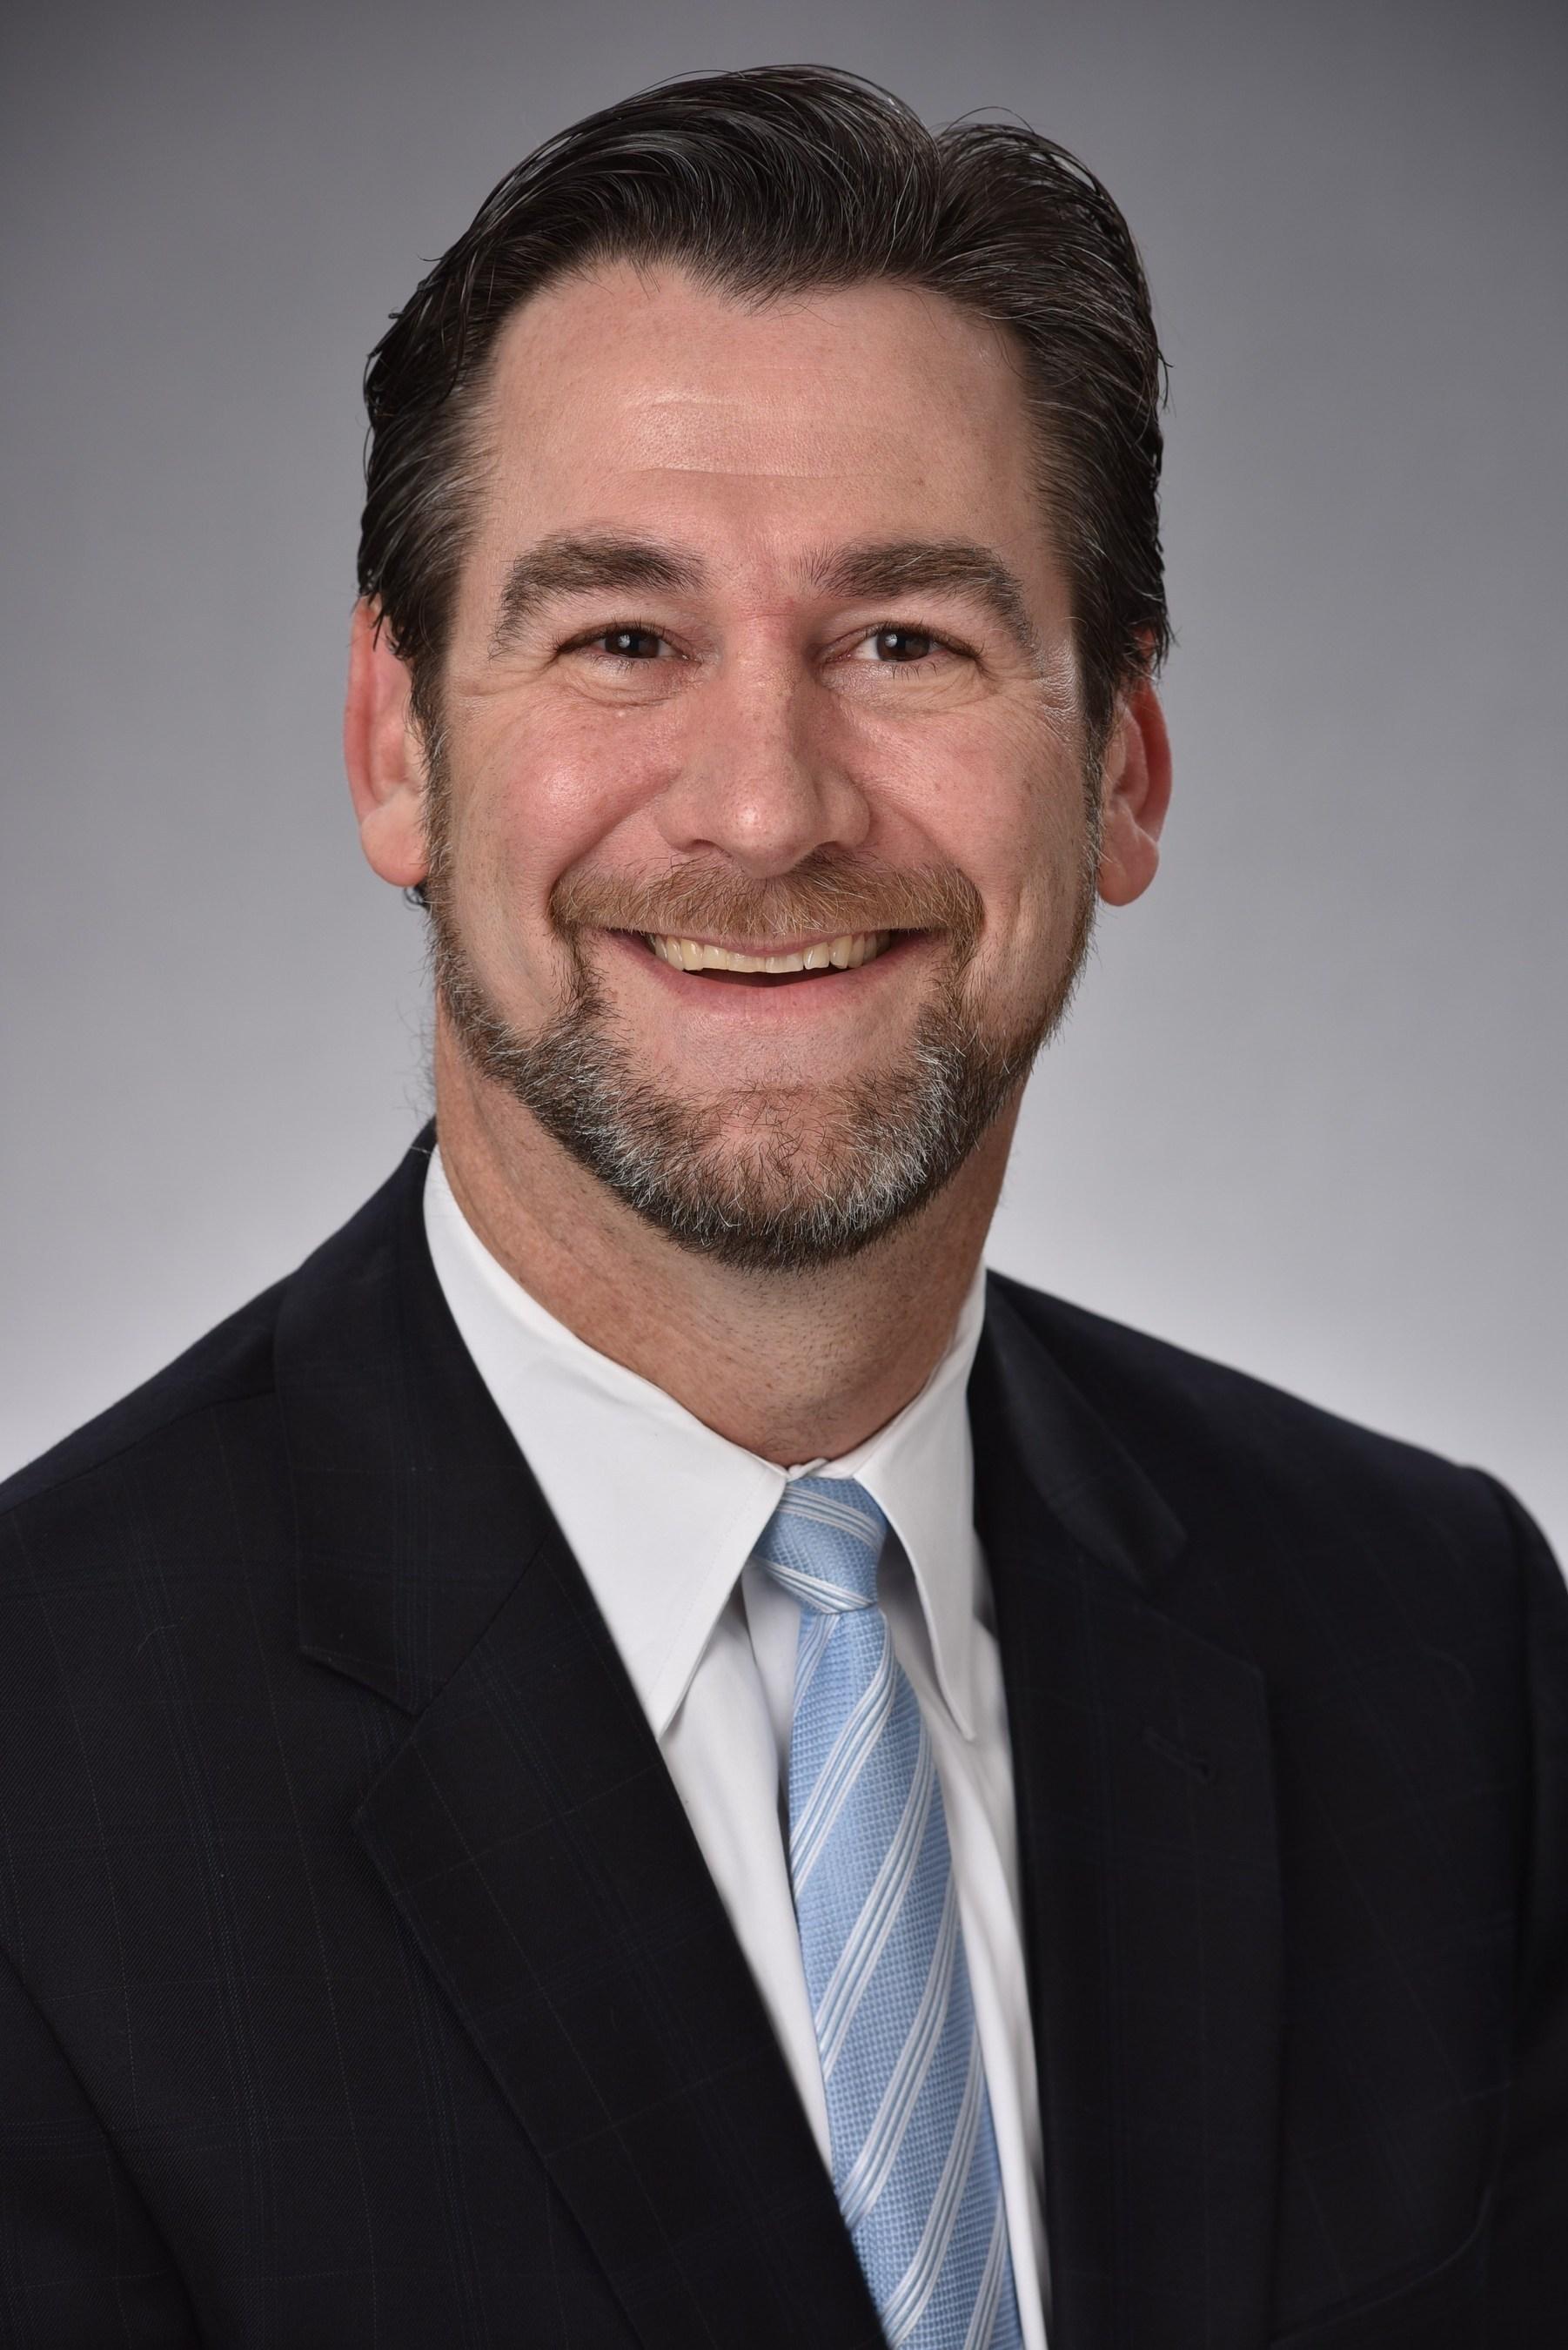 Matthew E. Schiff